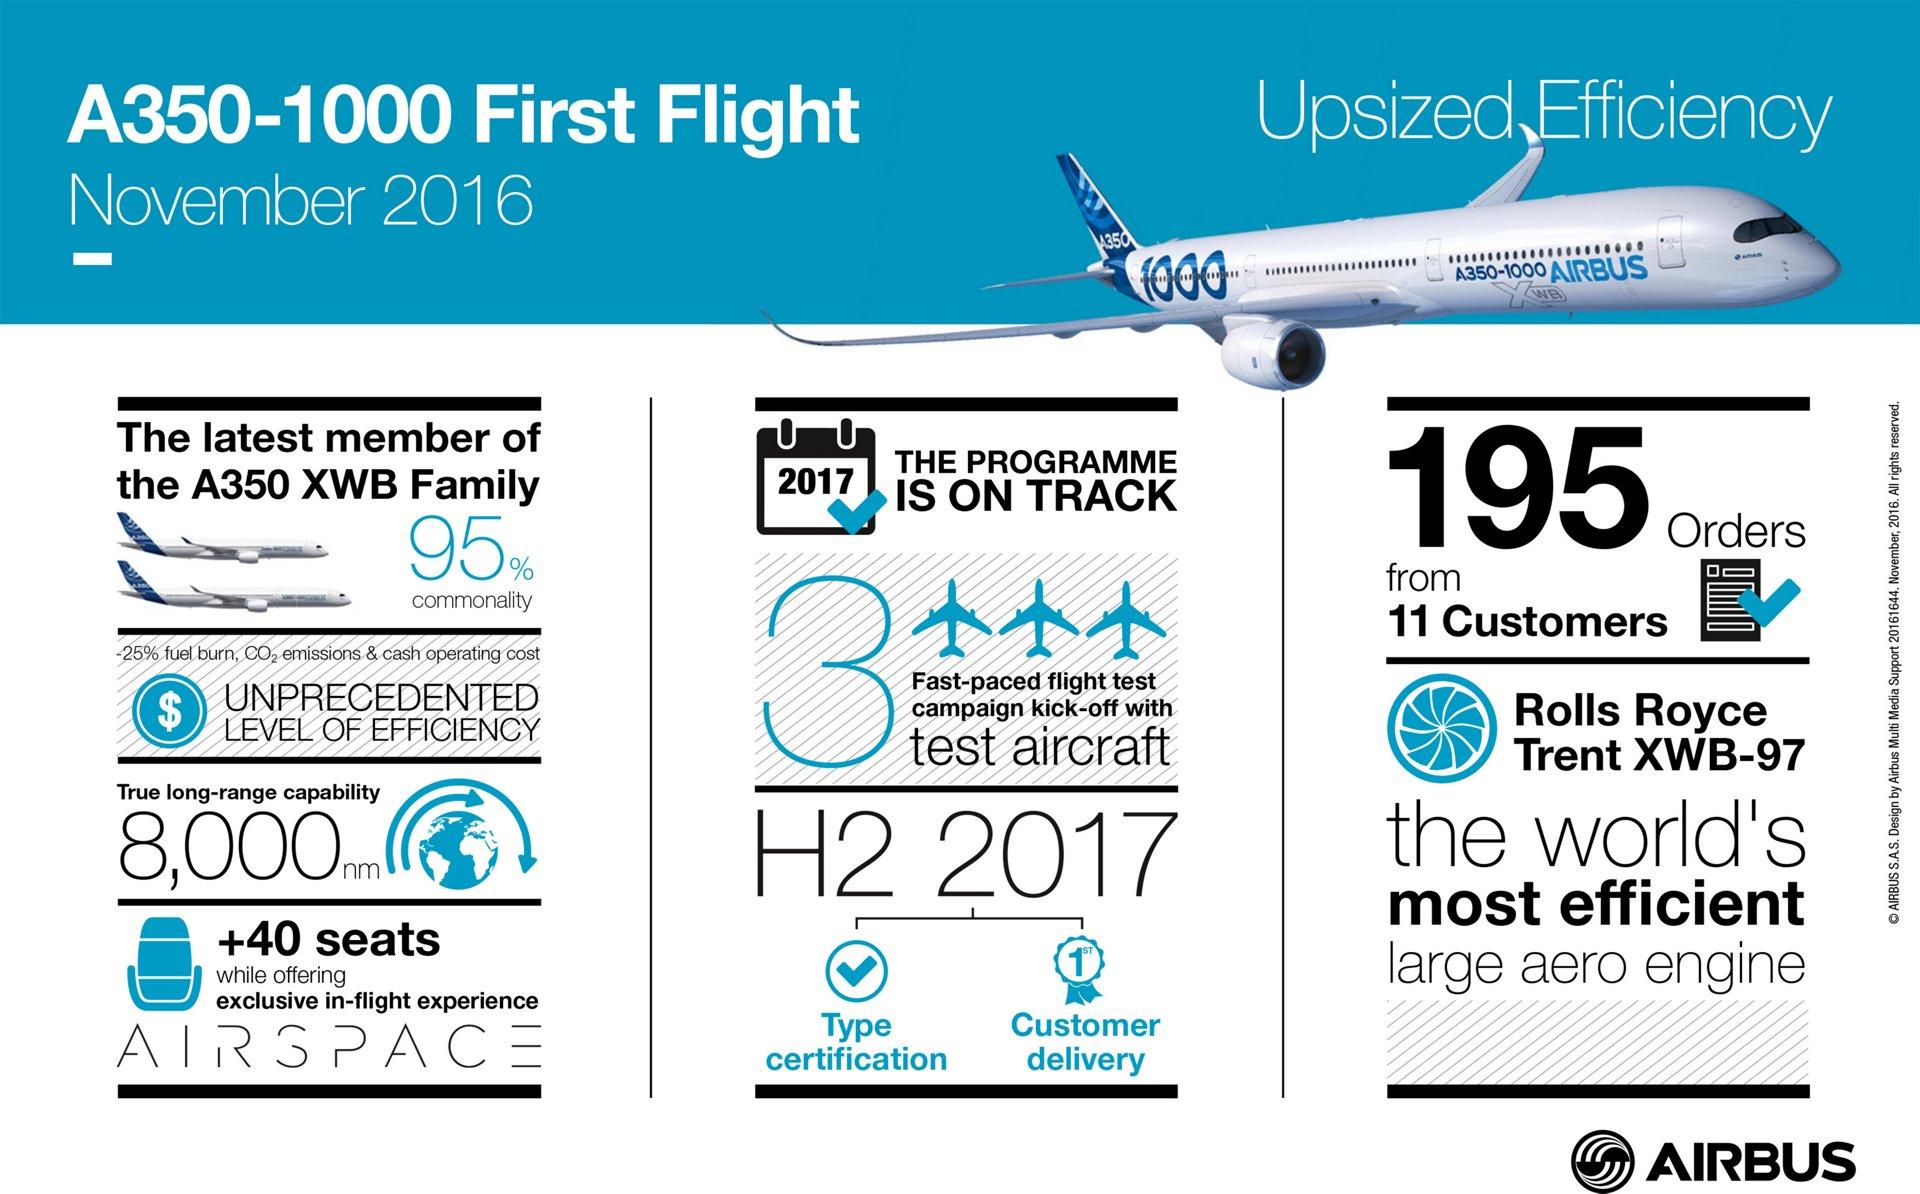 20161644_A350-1000FF_BAT11, A350 1000 First Flight Infographic Nov 2016